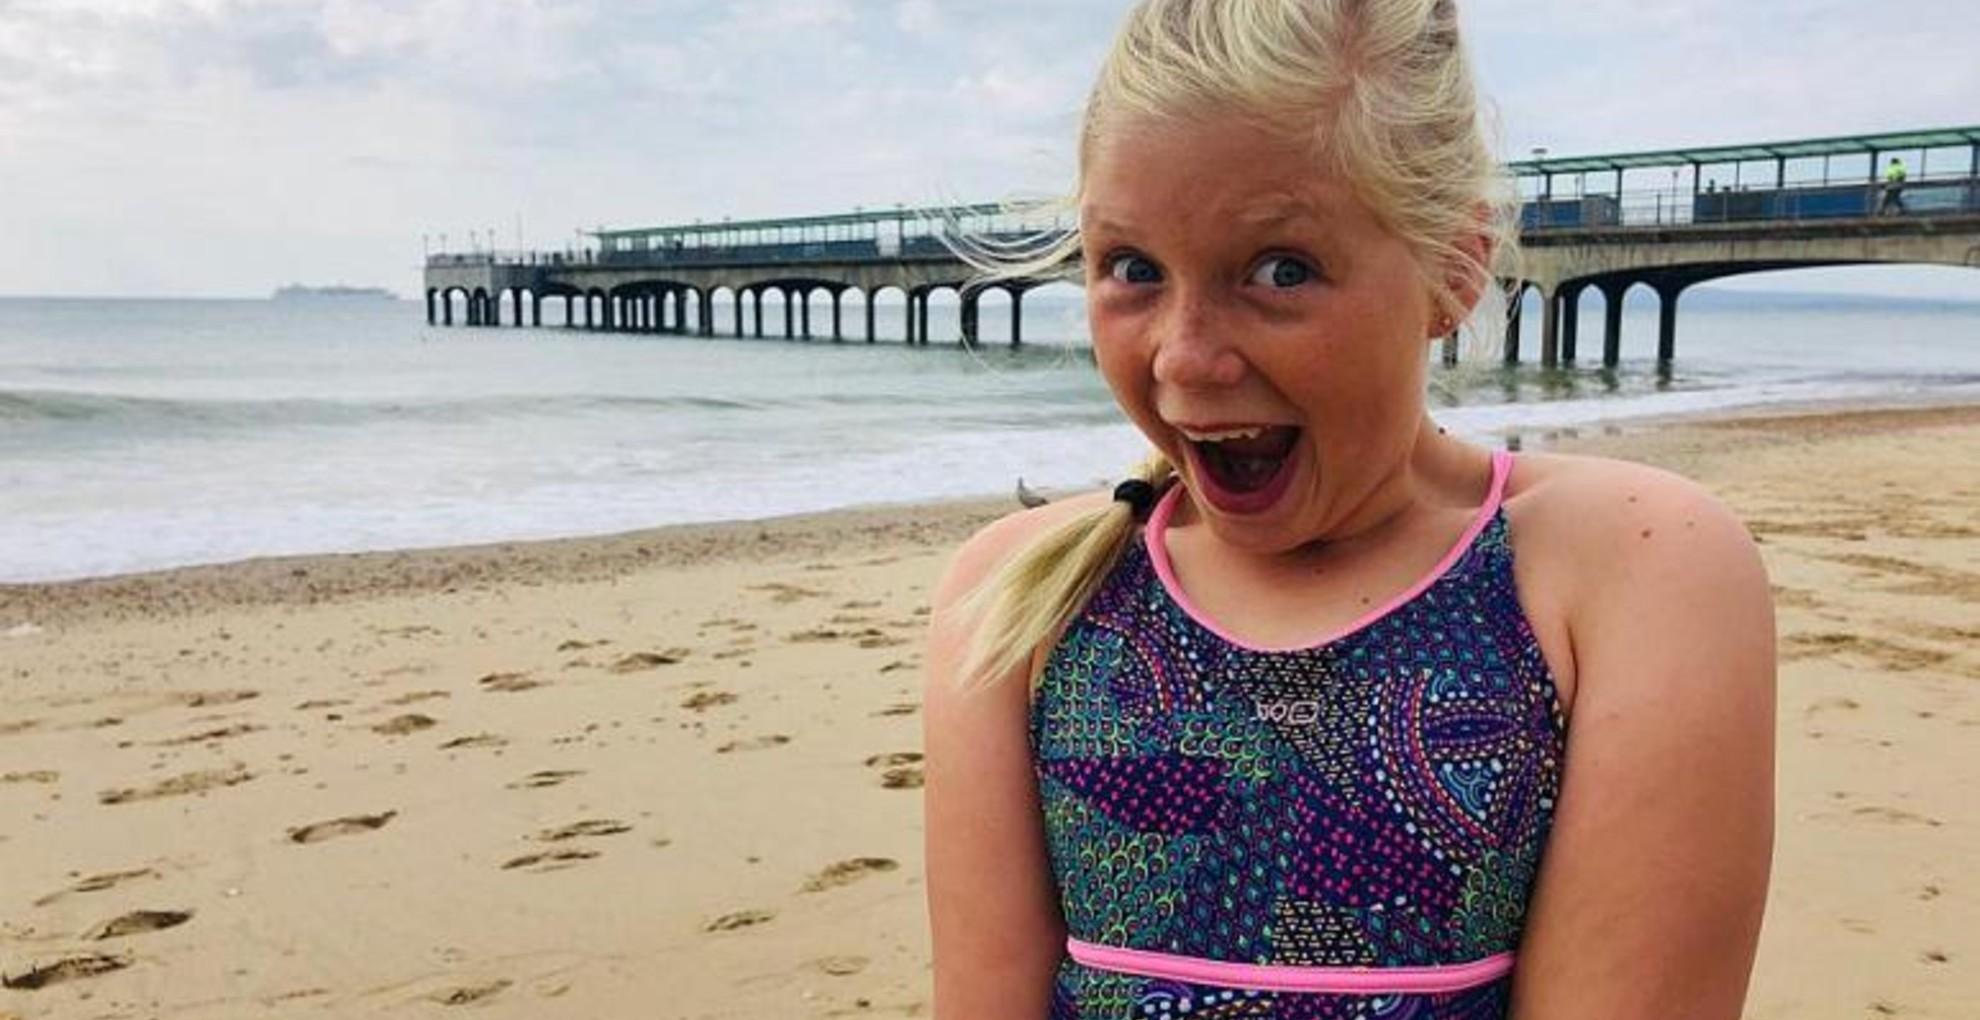 Védőruha nélkül úszott a kedvenc állataiért a 11 éves